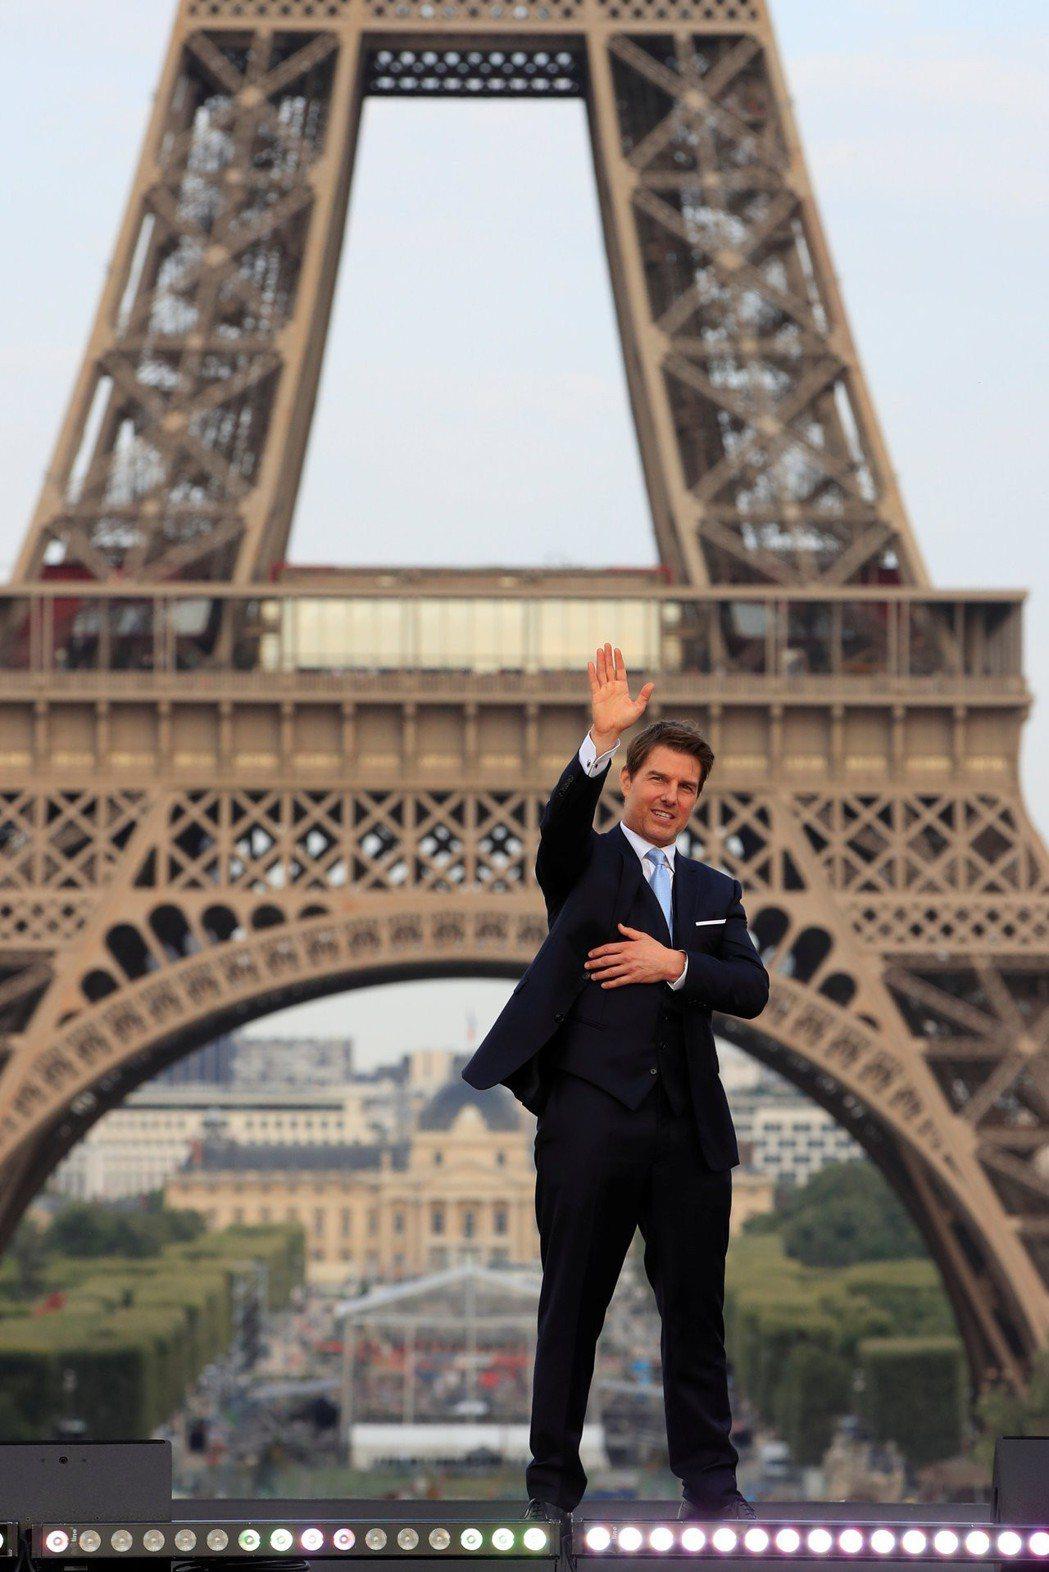 湯姆克魯斯出席「不可能的任務:全面瓦解」巴黎首映會。(路透)